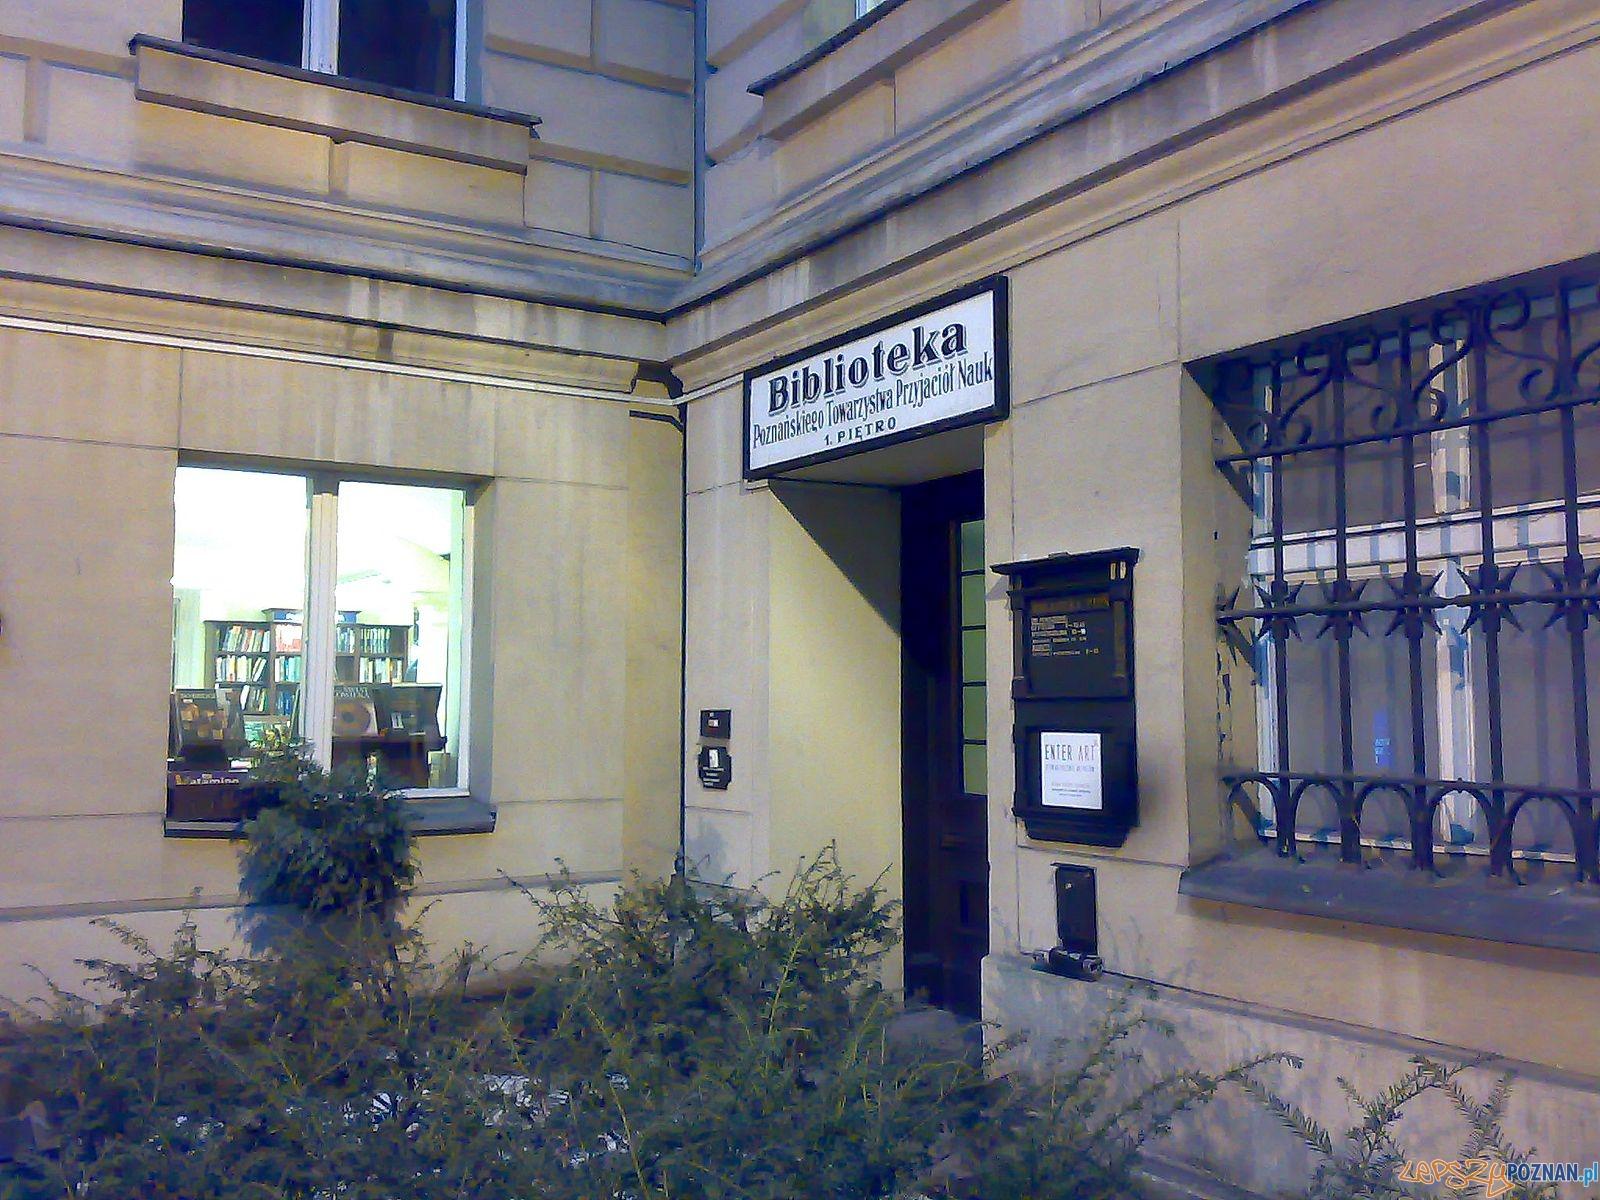 Biblioteka PTPN  Foto: MOs810 / wikipedia